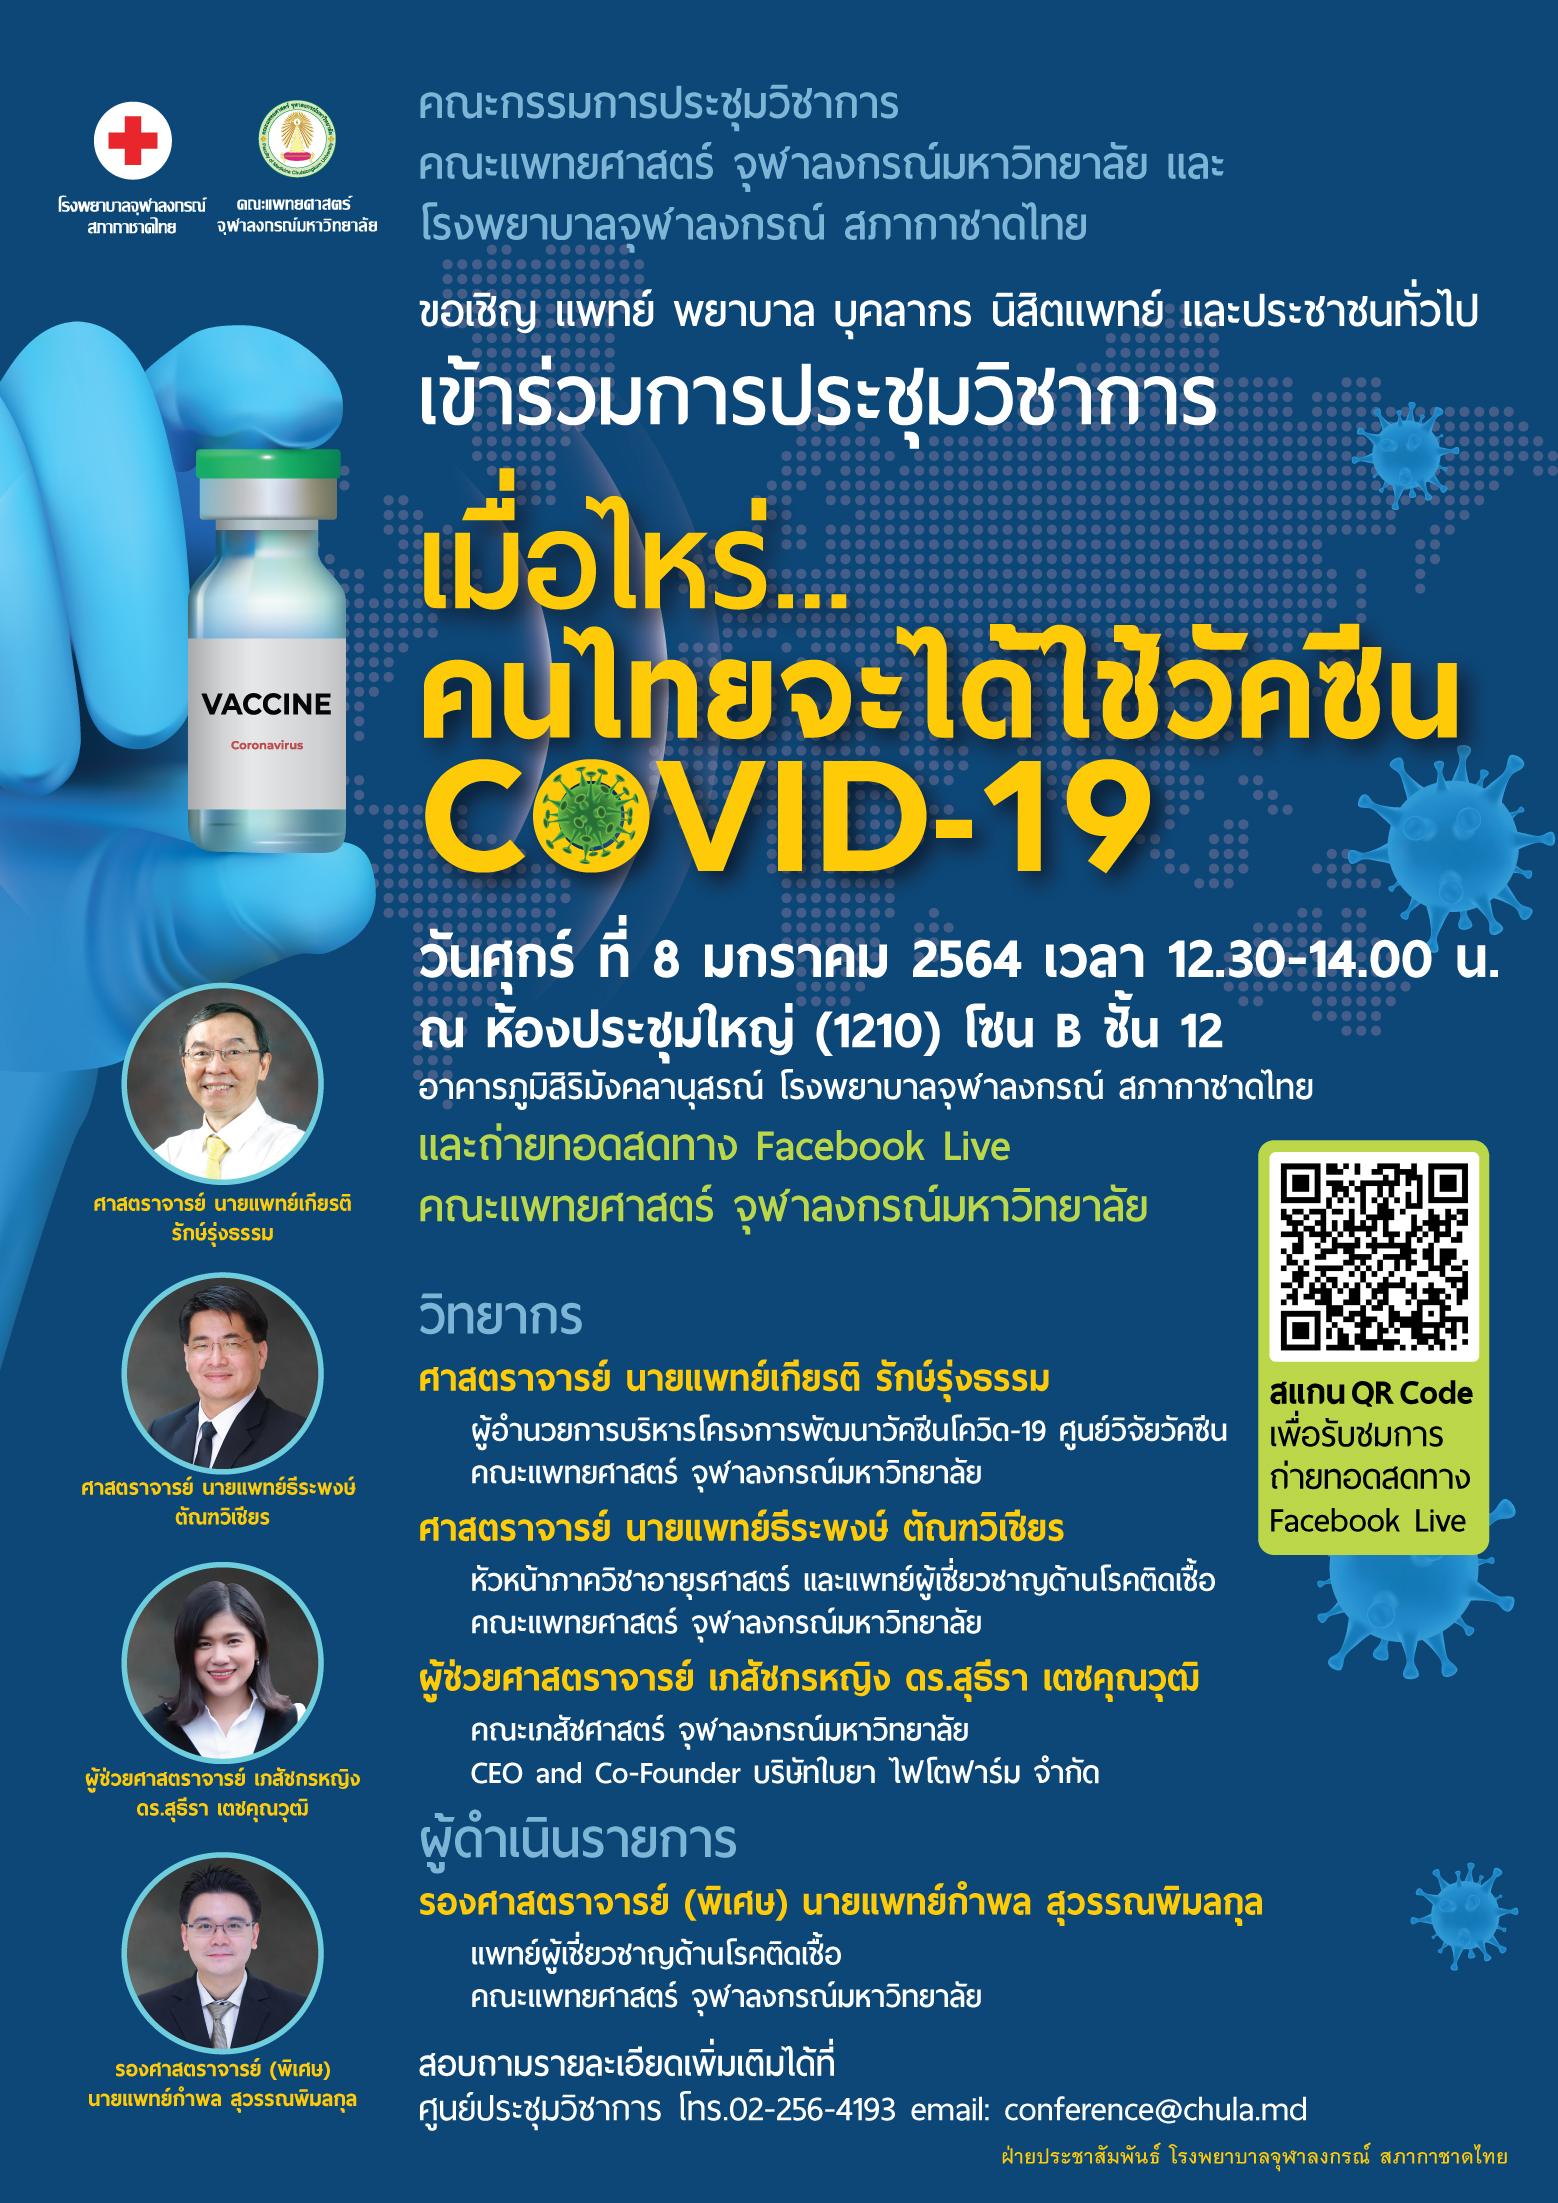 เข้าร่วมประชุมวิชาการ เมื่อไหร่คนไทยจะได้ใช้วัคซีน COVID-19